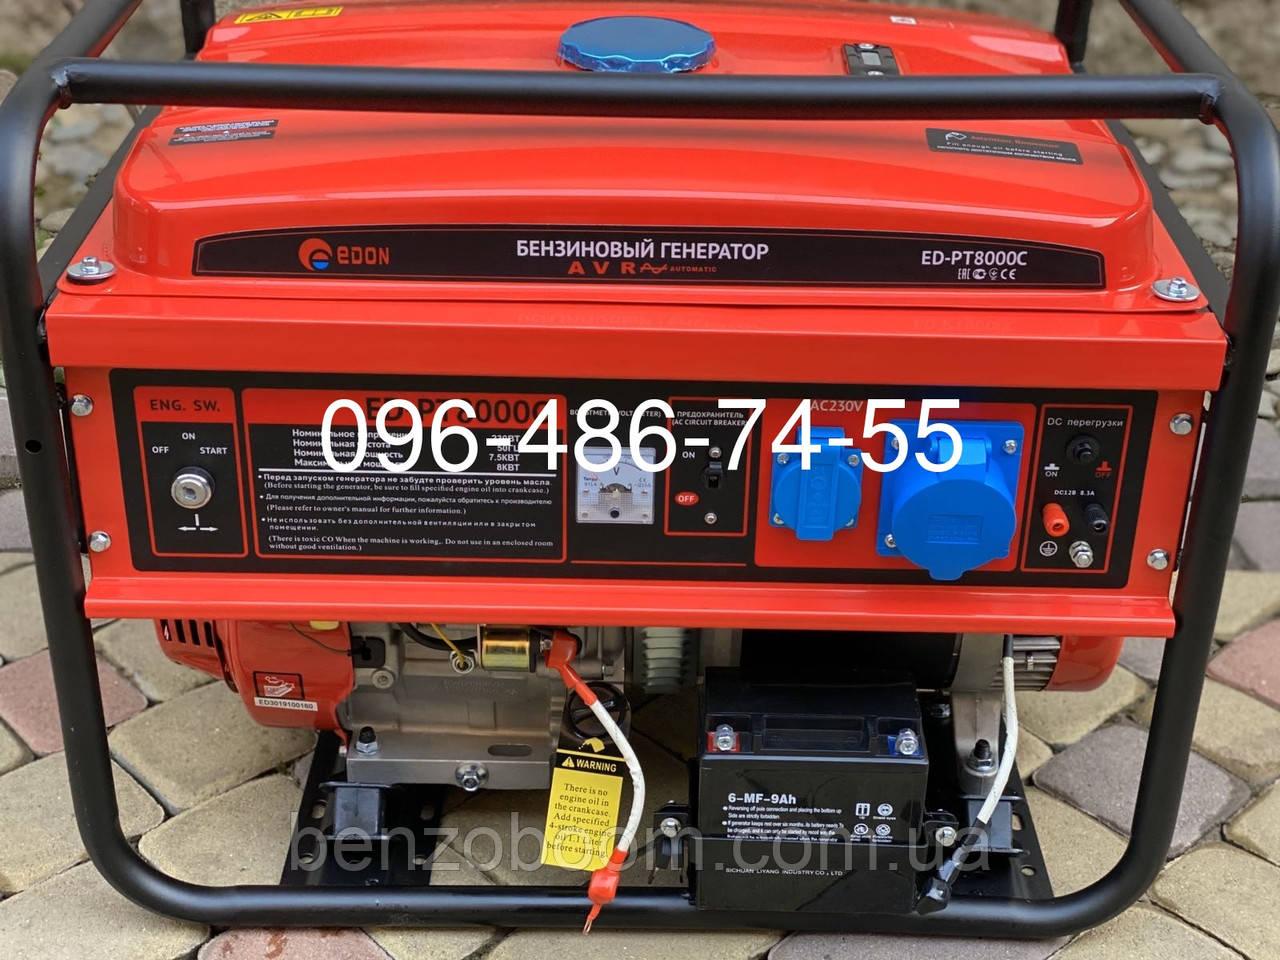 Генератор бензиновый Edon ED-PT8000С 8 кВт медная обмотка